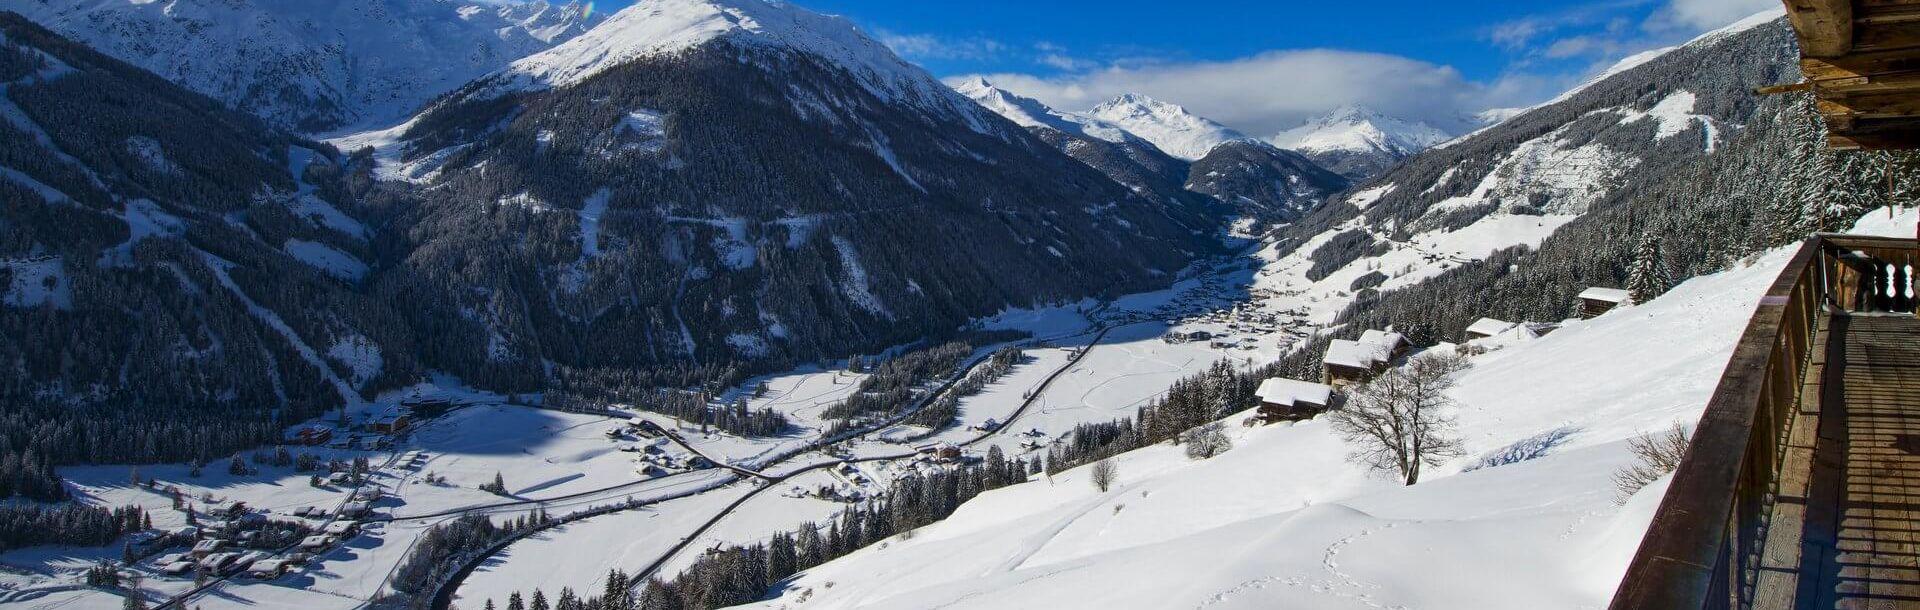 Das Defereggental in Osttirol - OsttirolerLand.com | © TVB Osttirol